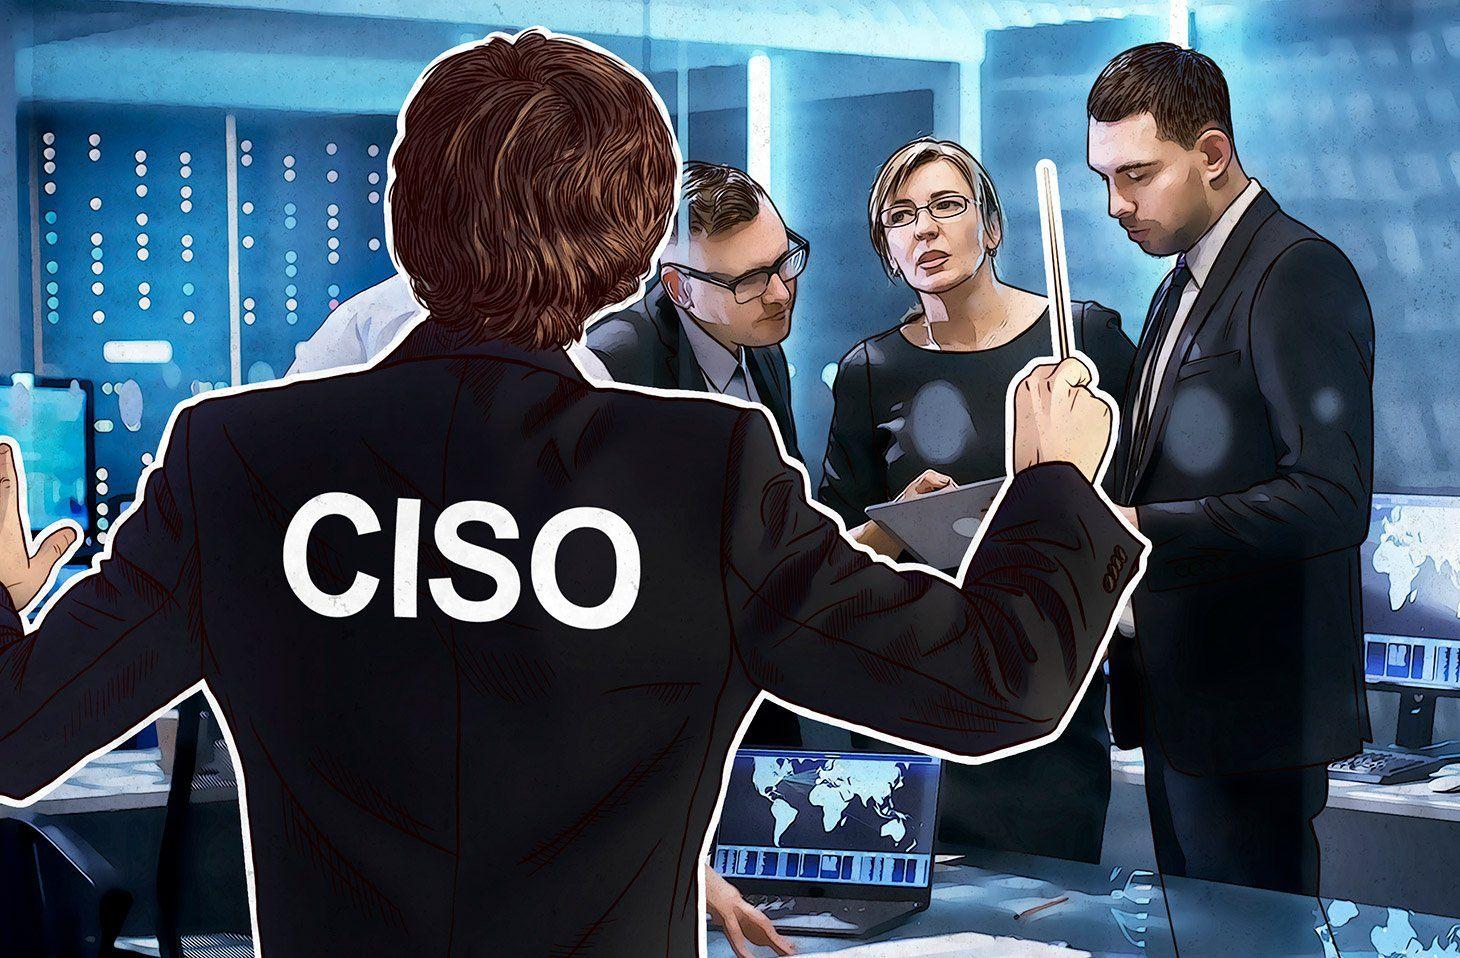 Cómo debe de ser un CISO: éxito y liderazgo en la seguridad informática corporativa